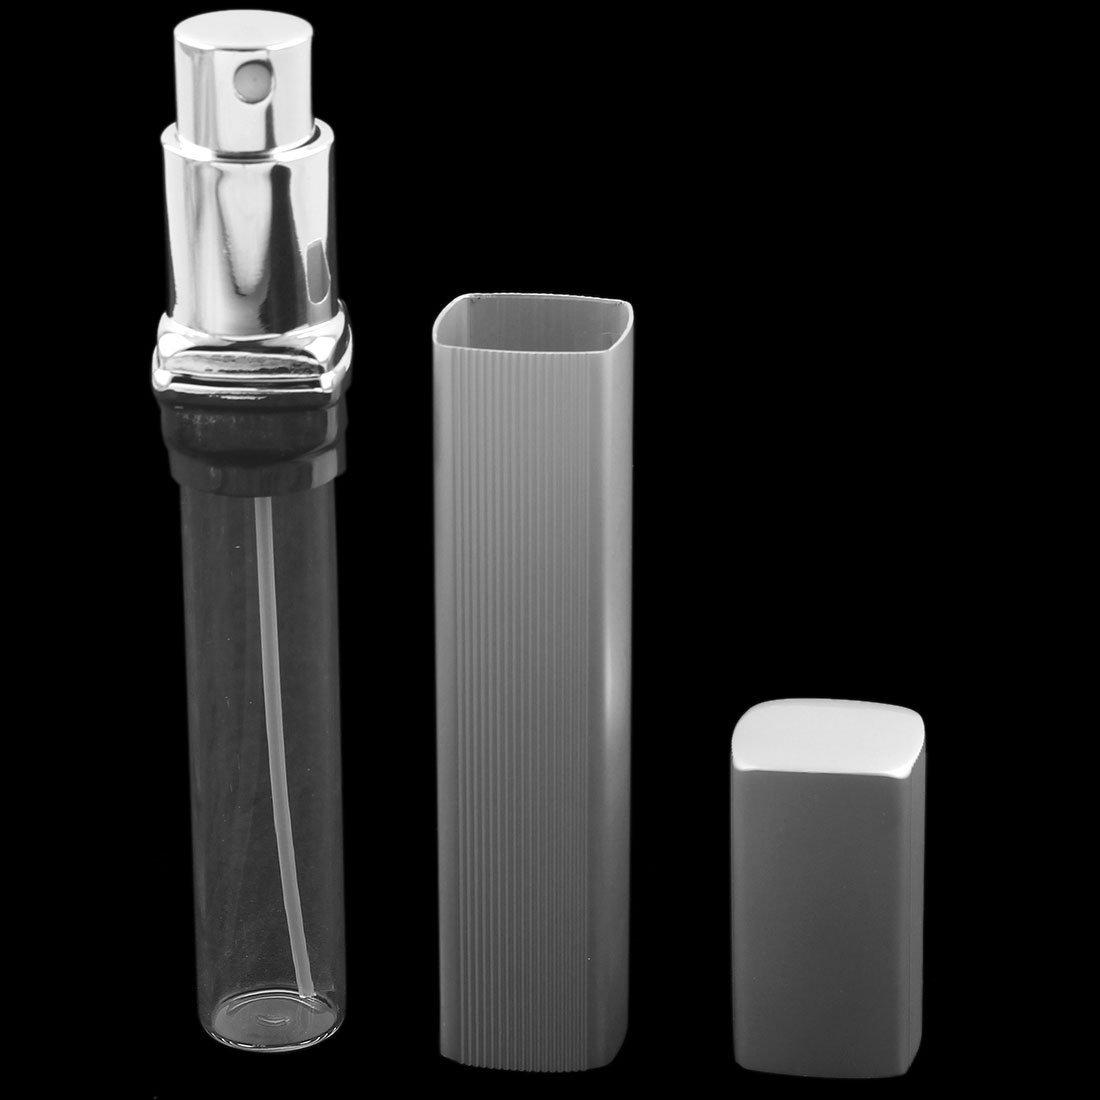 Amazon.com: Viajes eDealMax aleación rectángulo recargable del atomizador del Perfume del aerosol Botella 12ml tono de Plata: Health & Personal Care